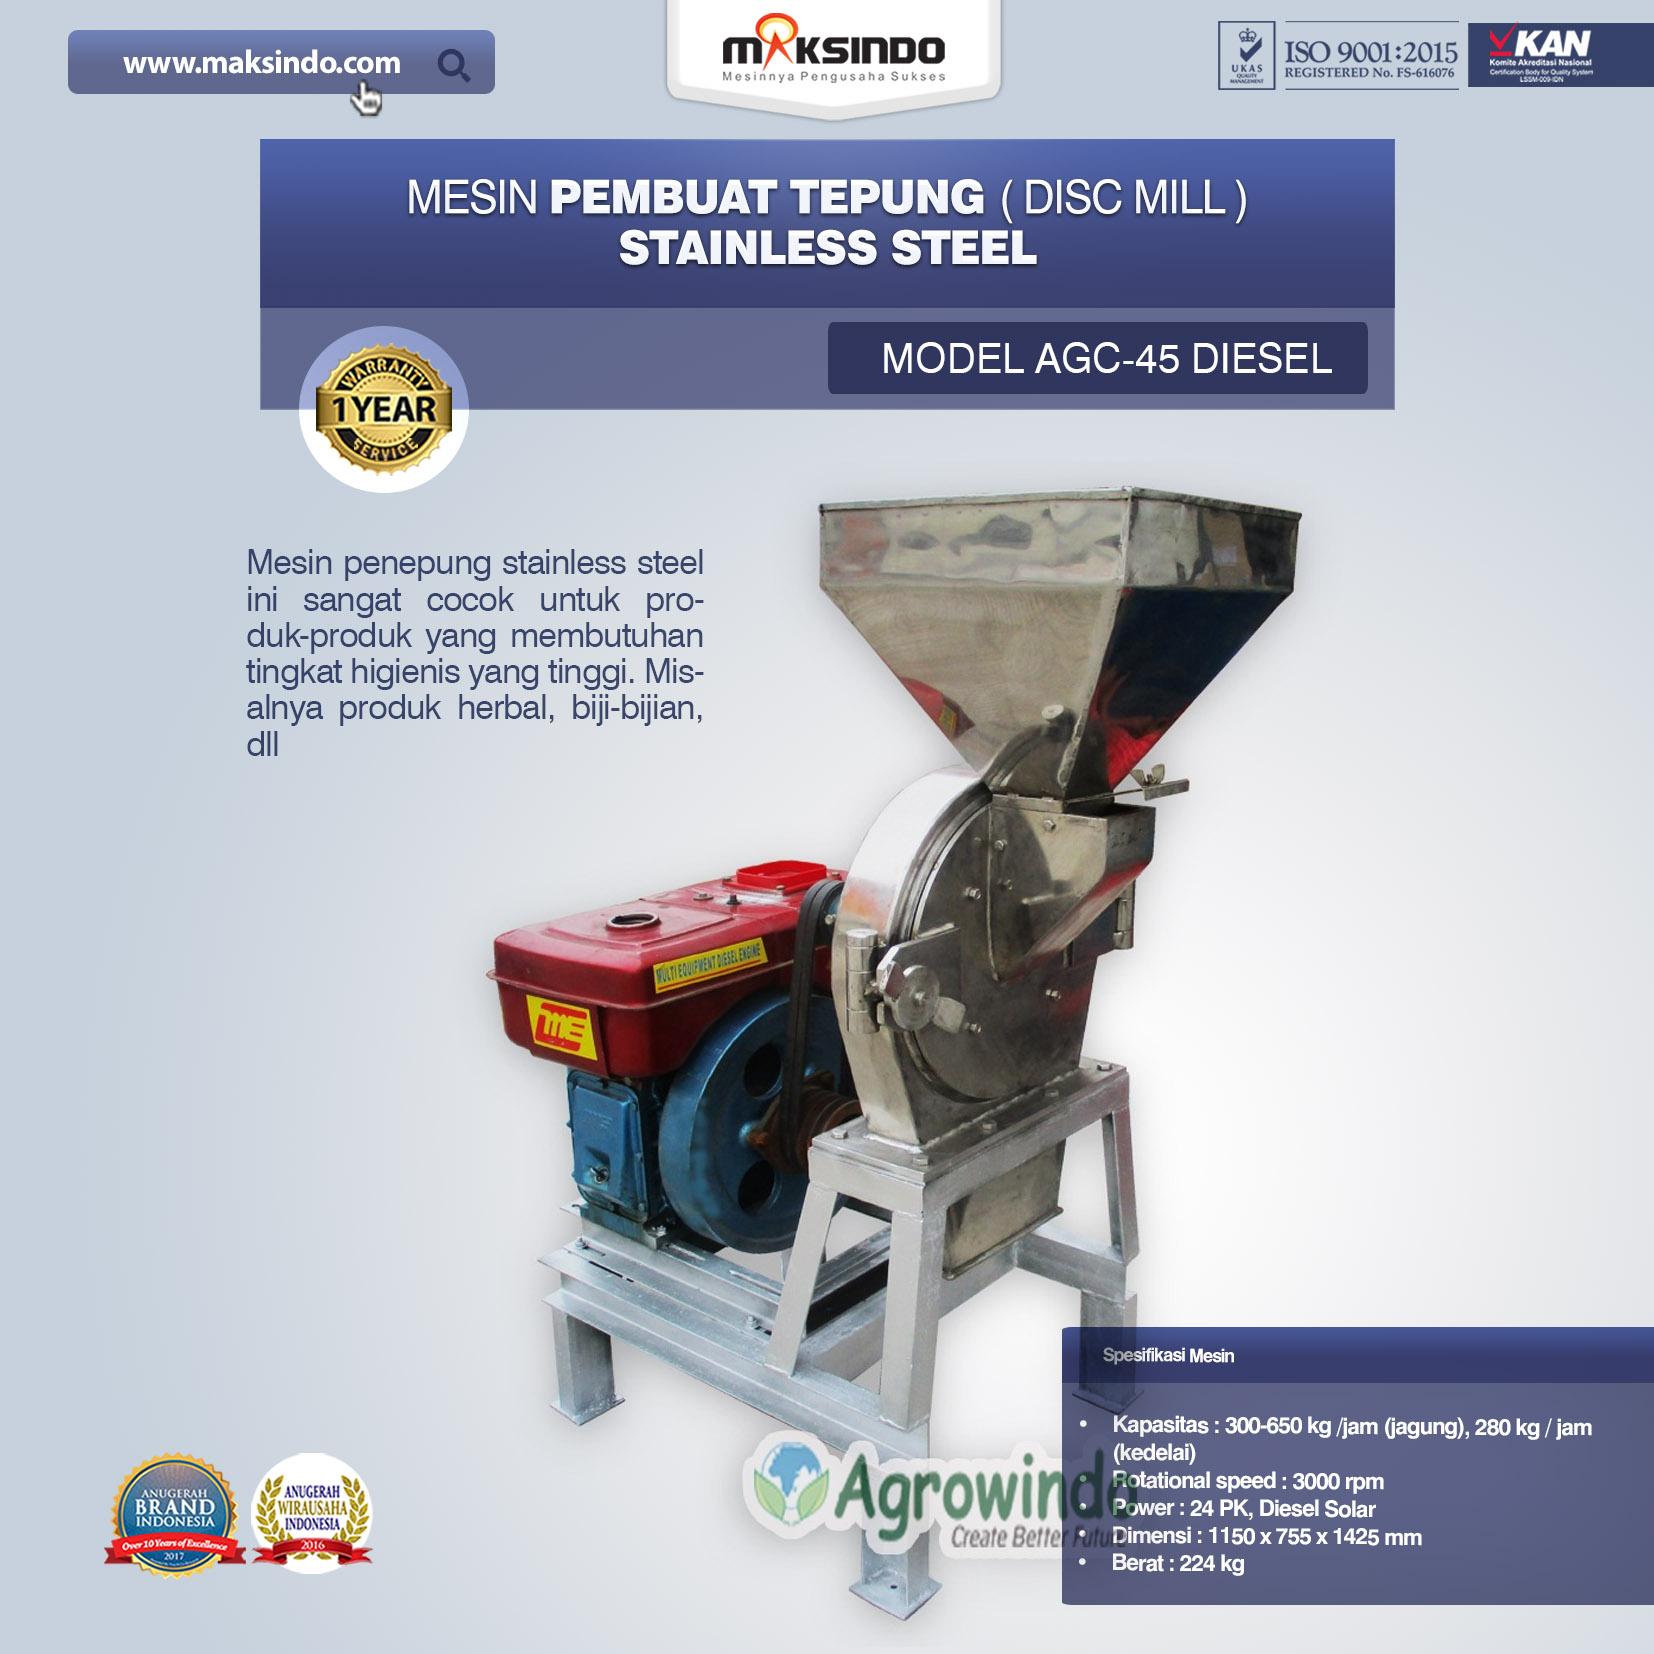 Mesin Penepung Disk Mill Body Stainless Model AGC 45